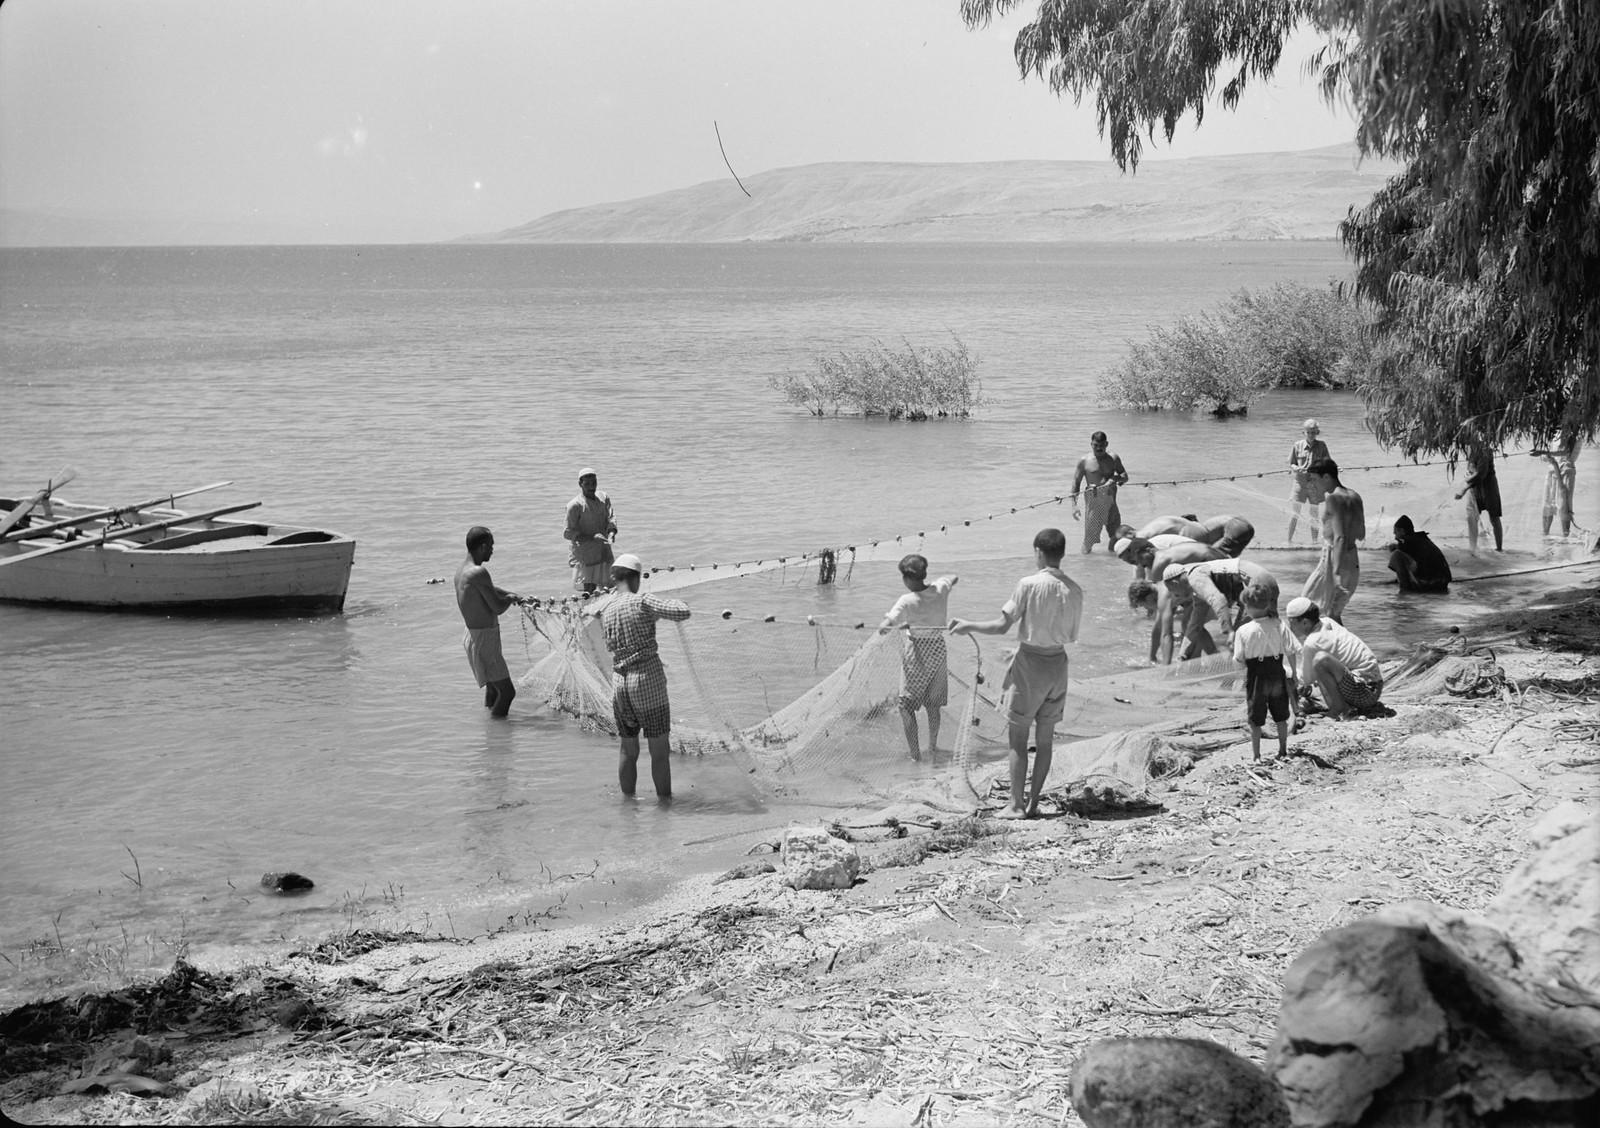 08. Рыбаки на берегу вытягивают сети